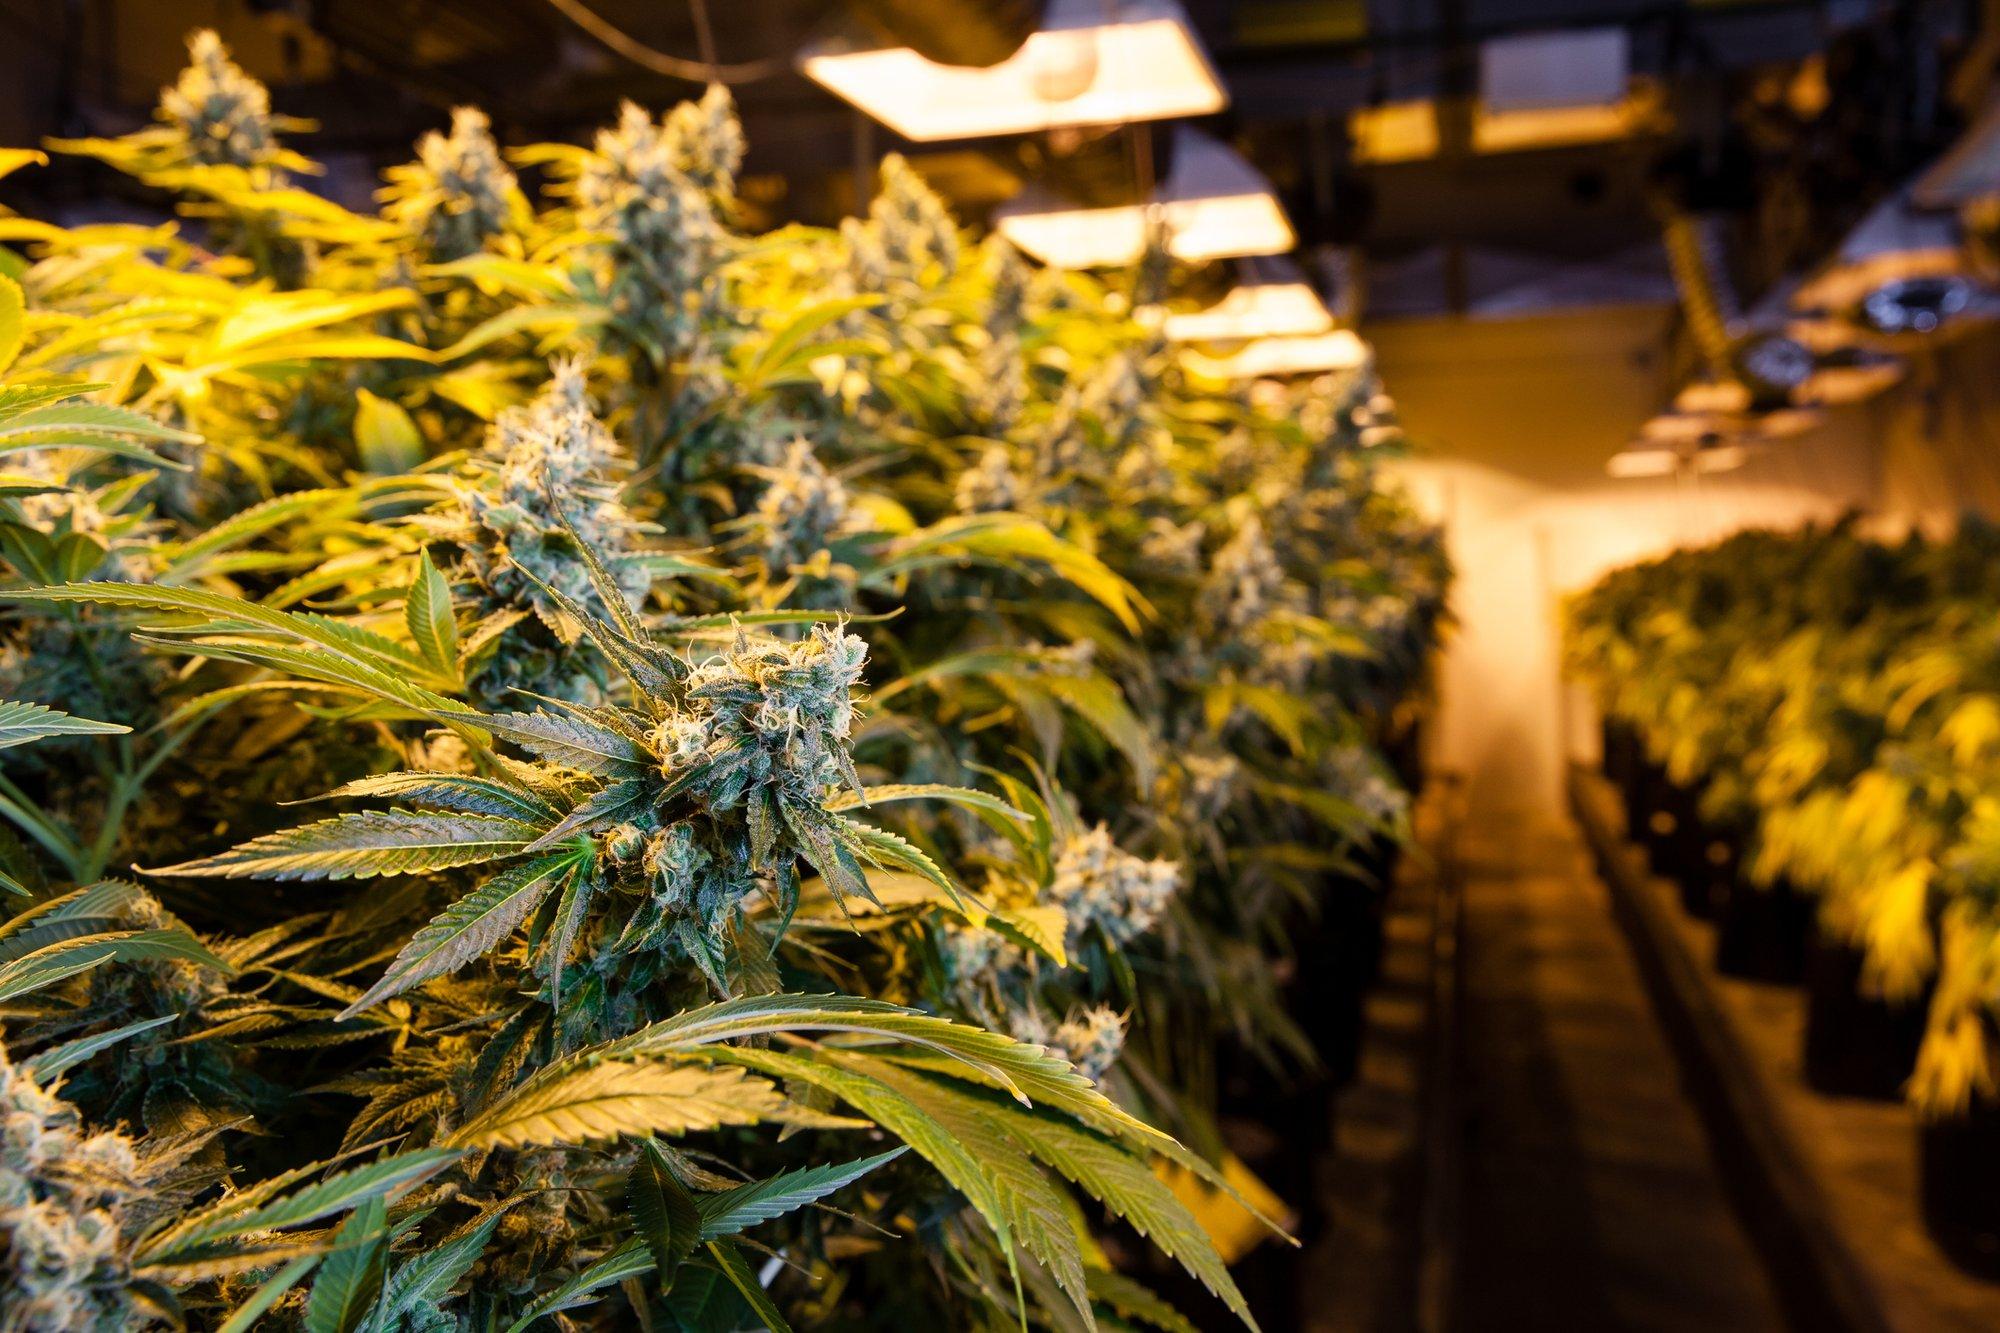 Flowering cannabis plants growing indoors.